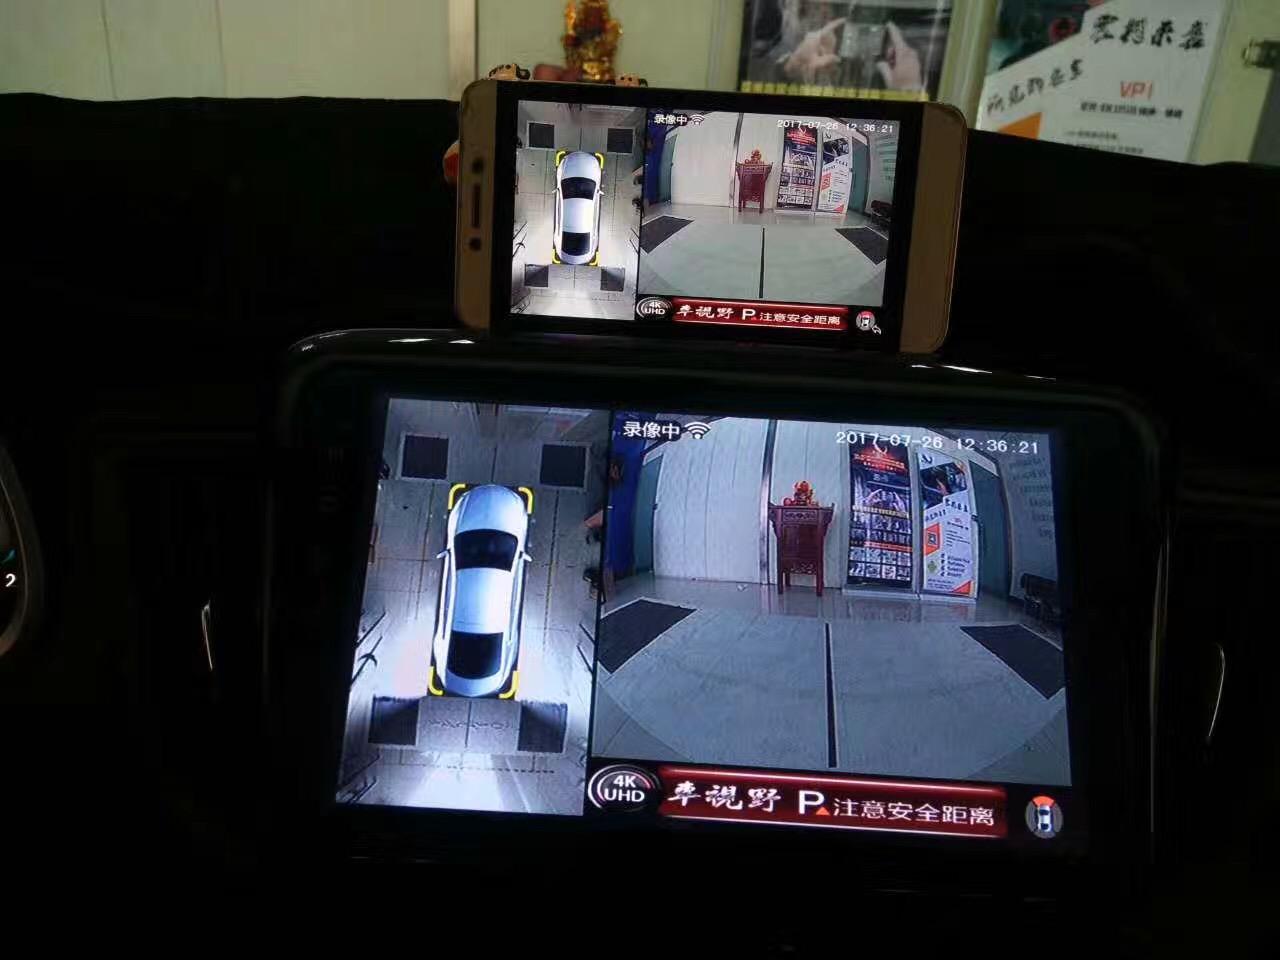 雪佛蘭科沃茲加裝車視野360全景4K超清帶手機互聯全景